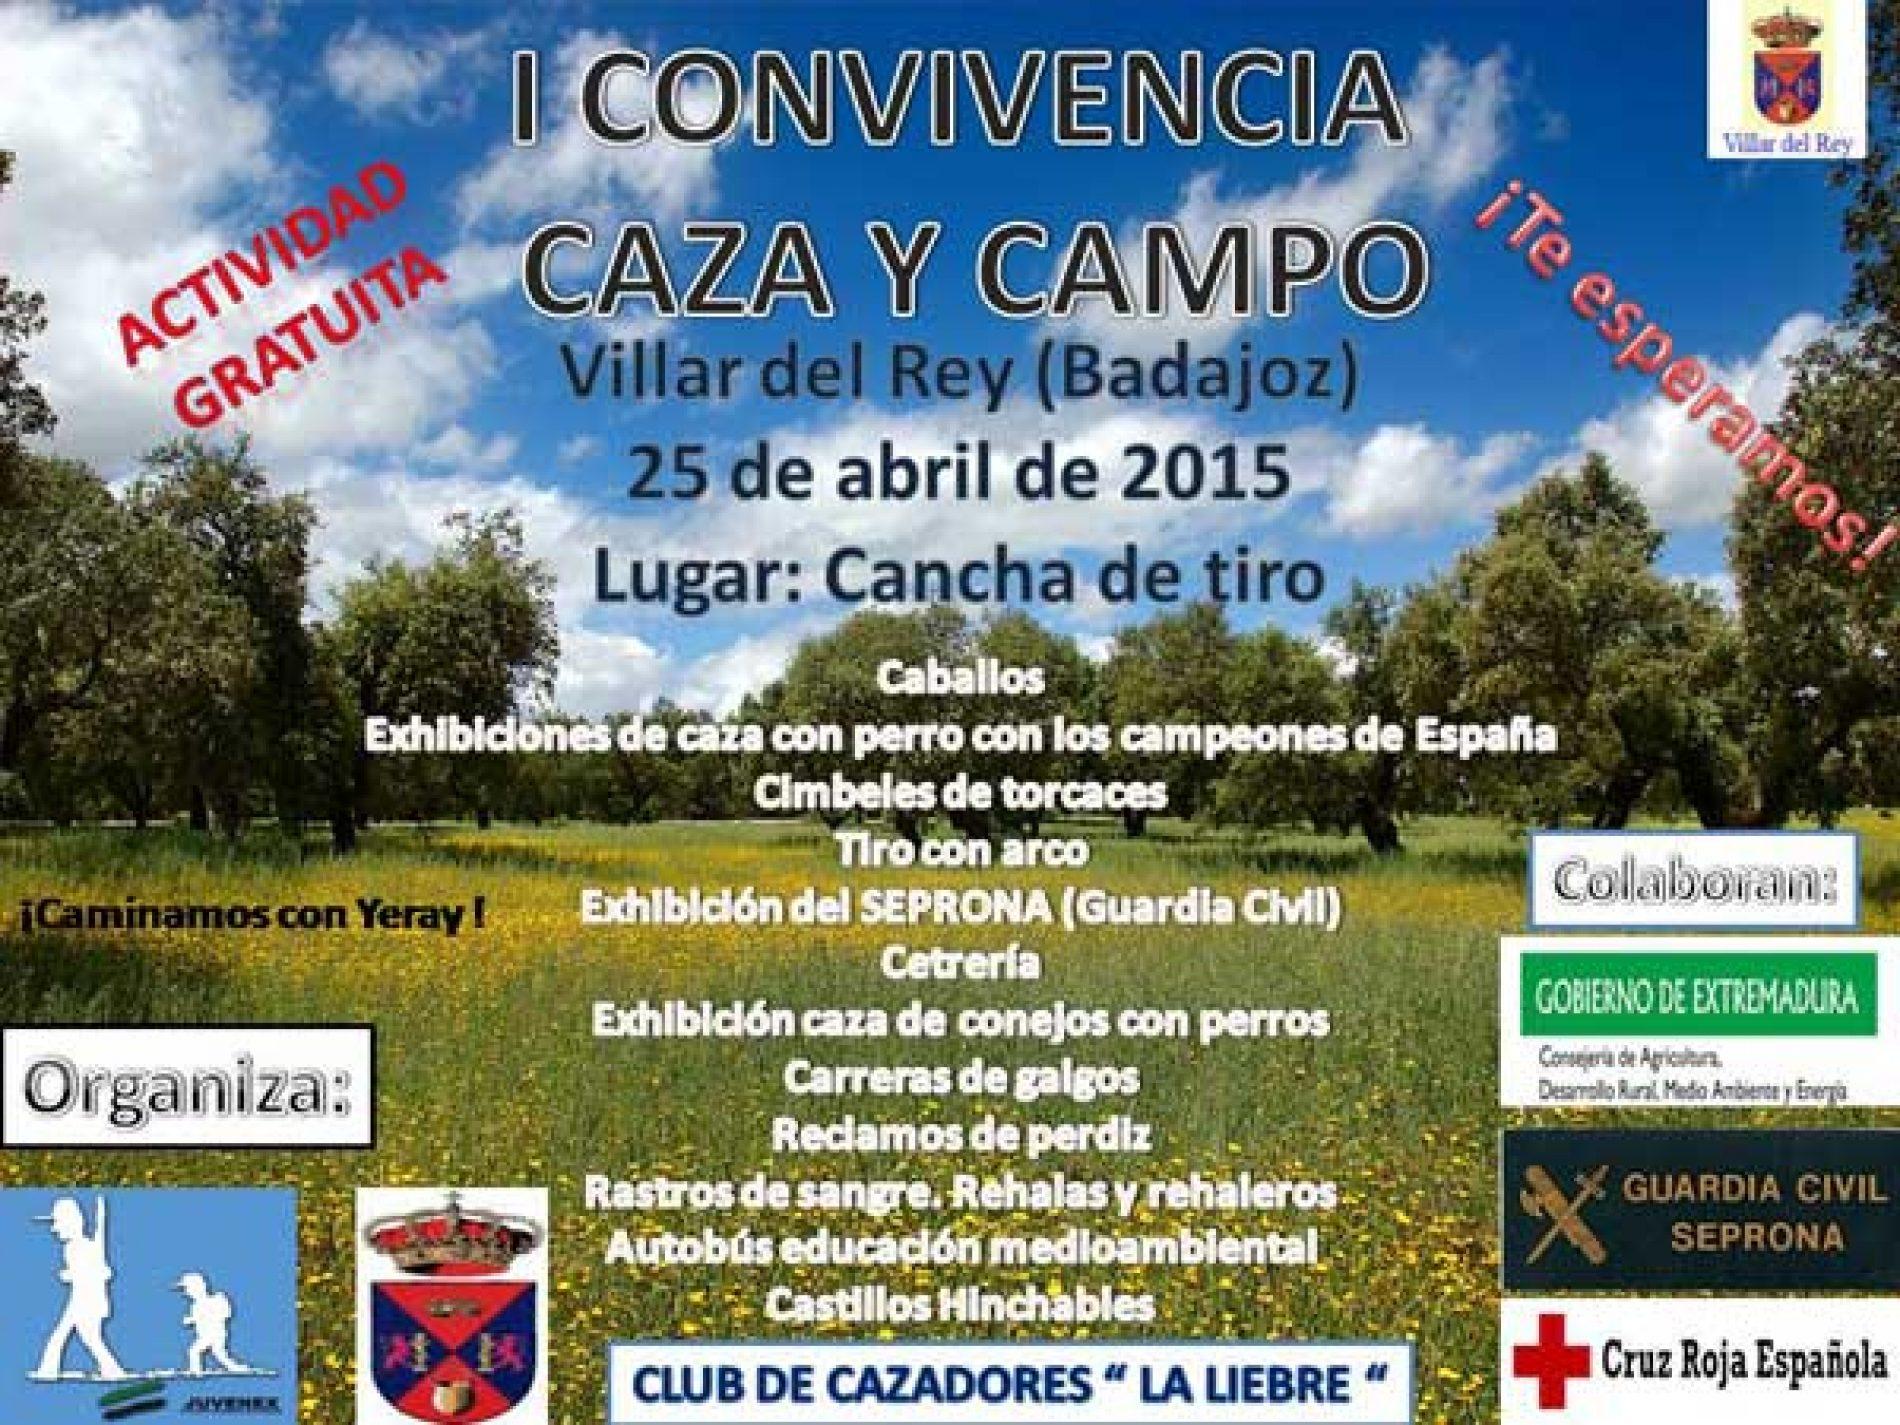 I Convivencia Juvenex Caza Y Campo. Villar Del Rey 2015